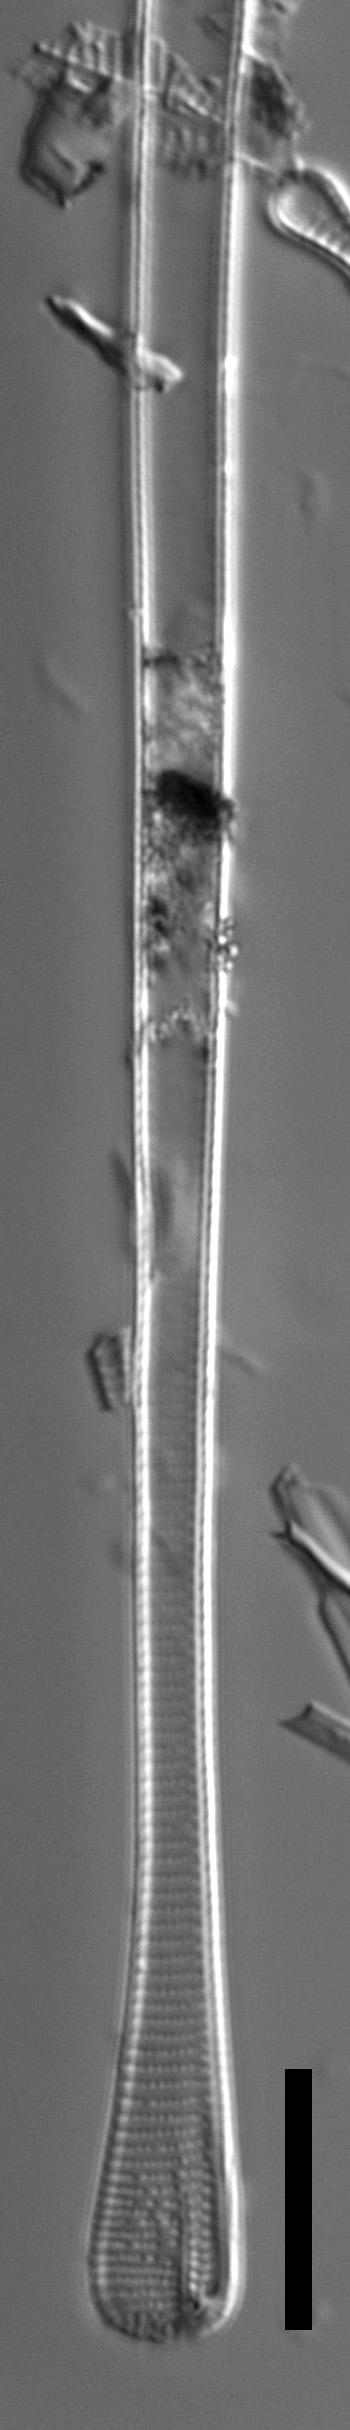 Eunotia spatulata LM4